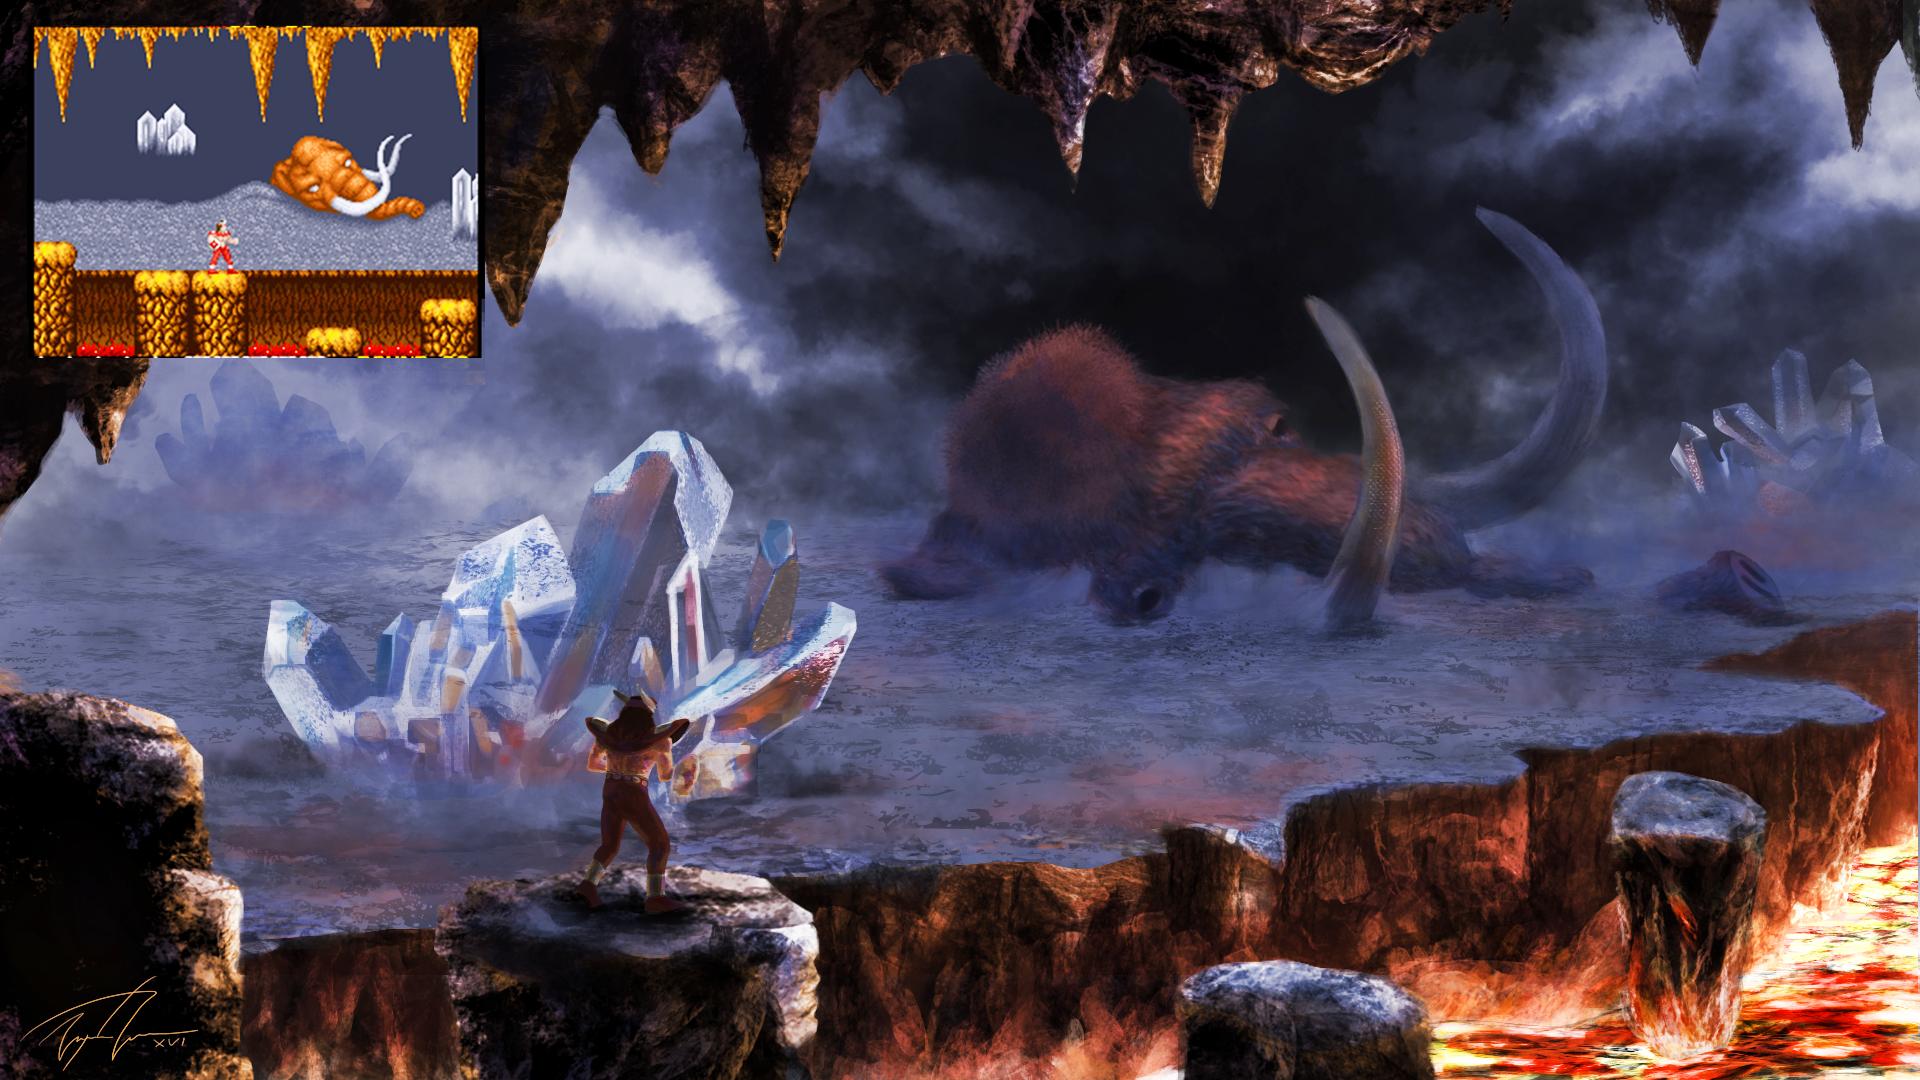 Rygar, the warrior of Argus